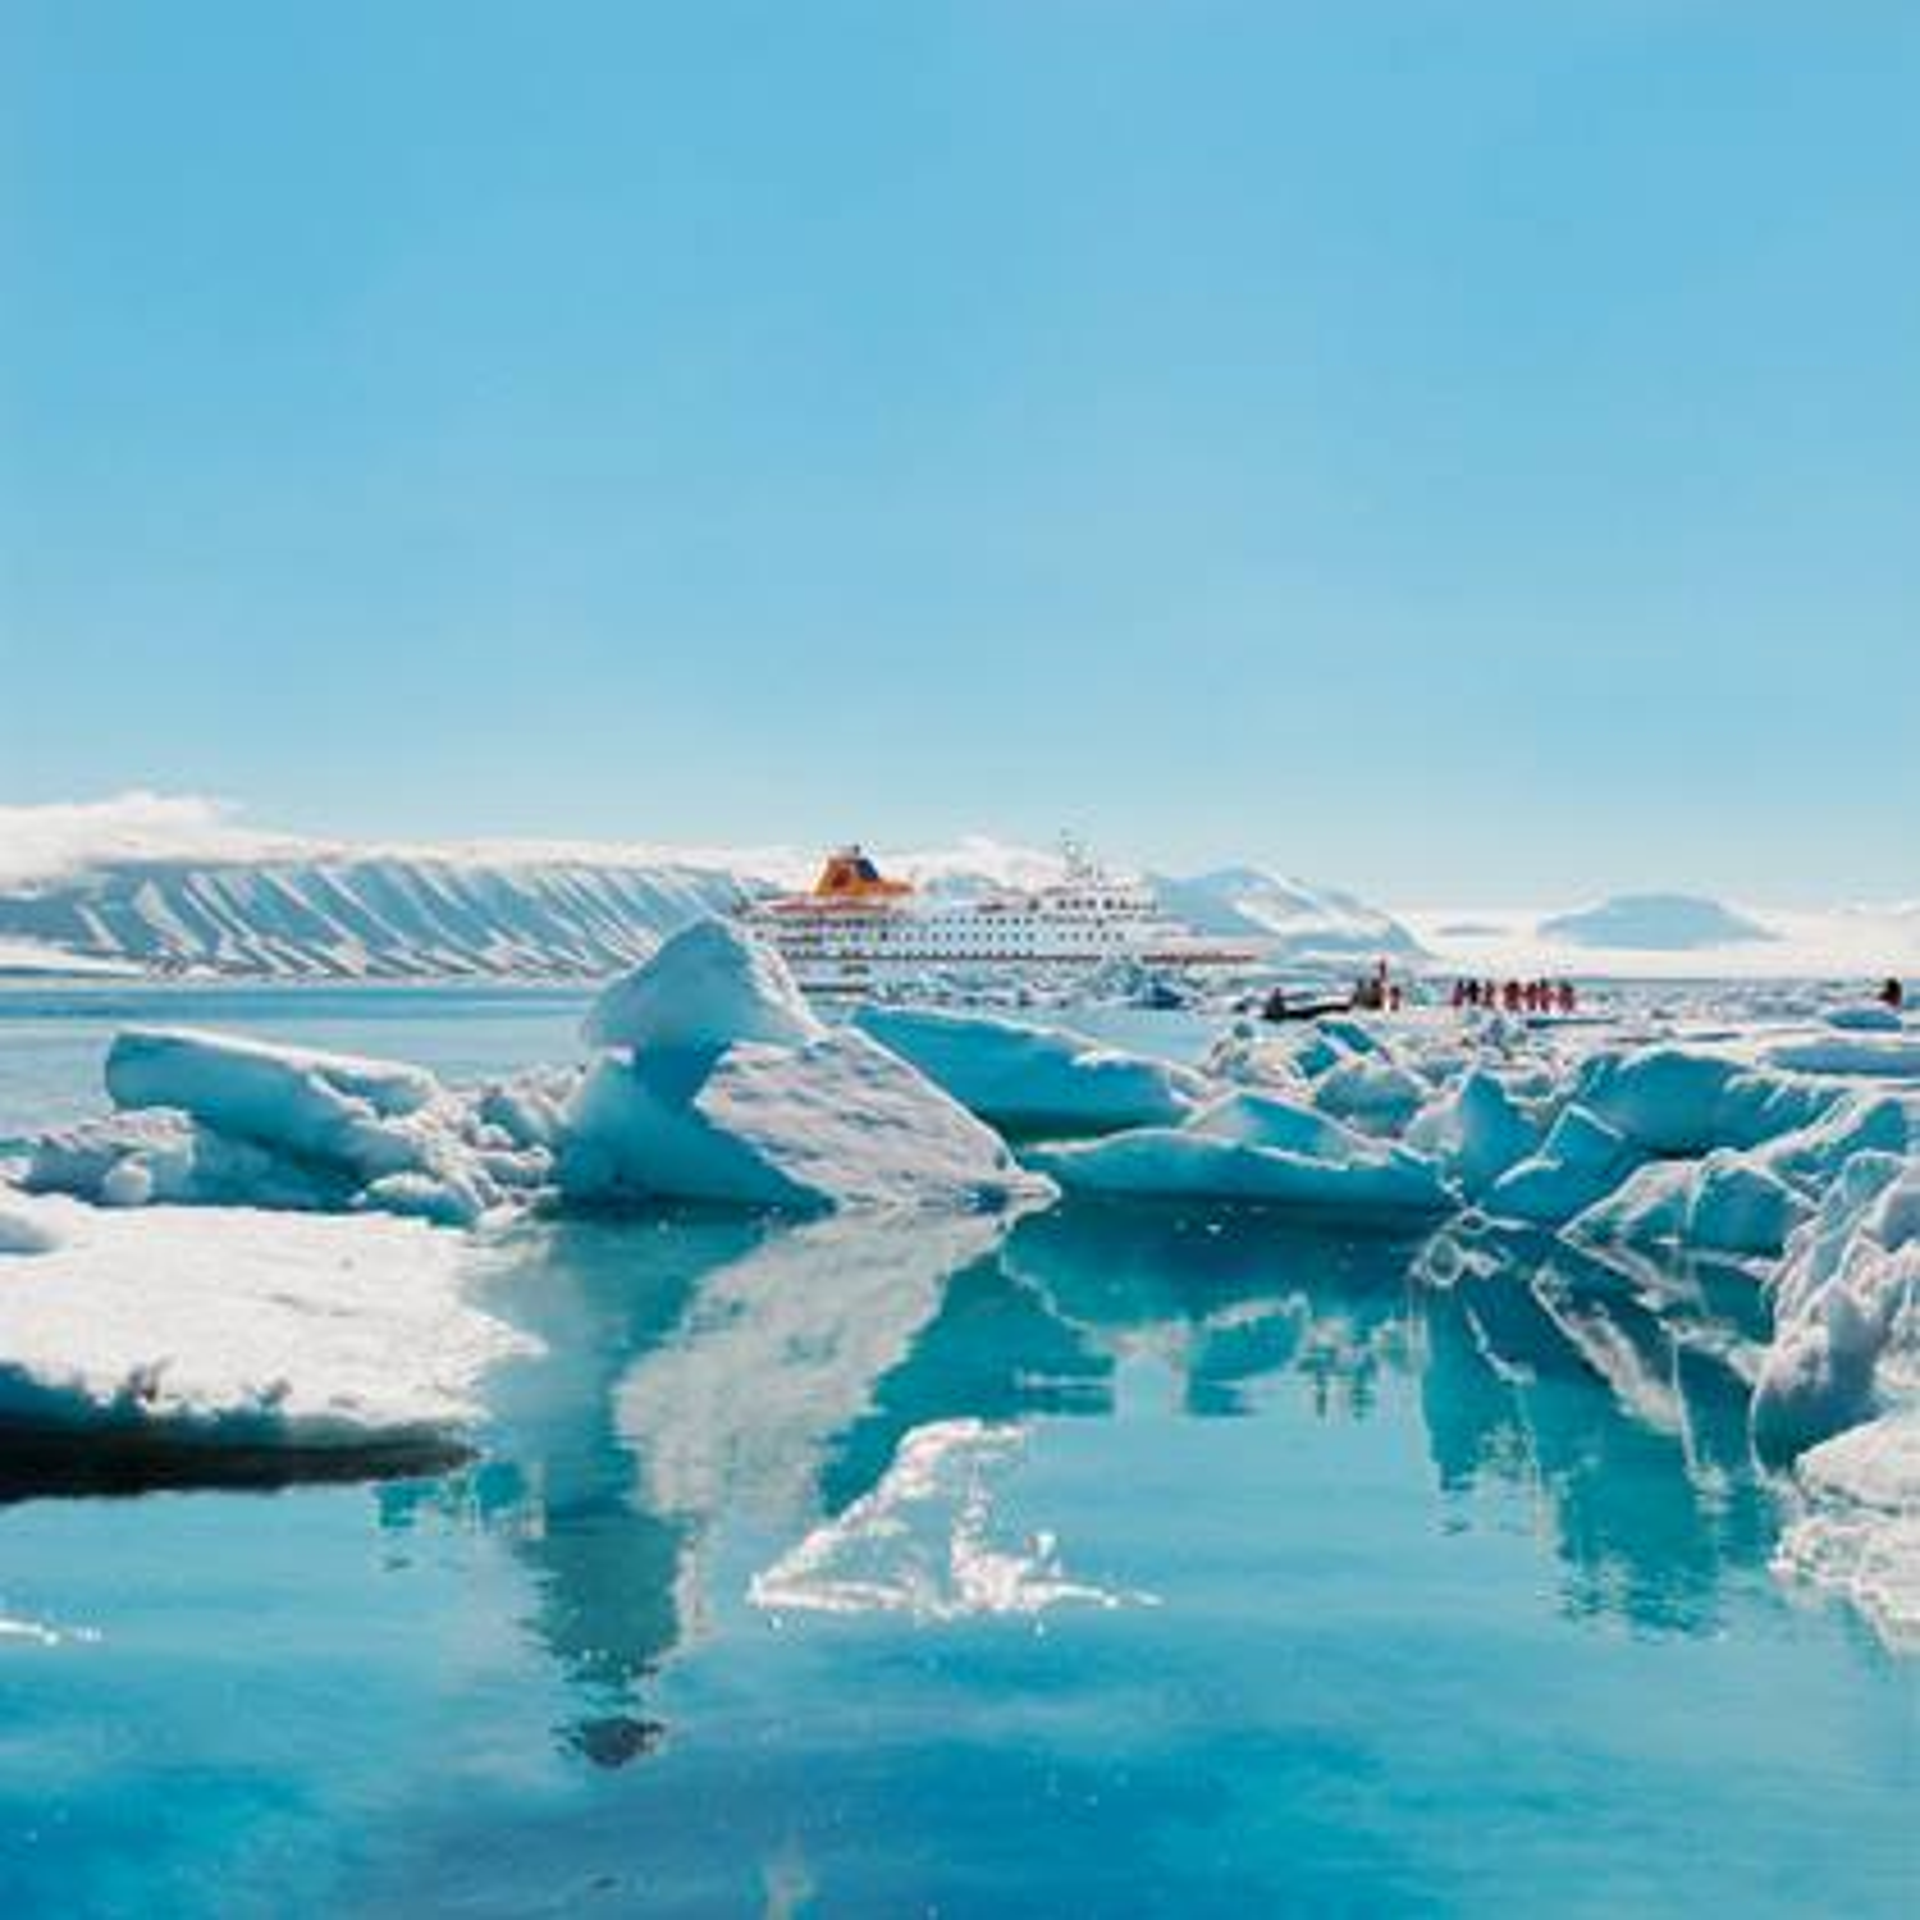 Eisberge auf der Expedition Spitzbergen